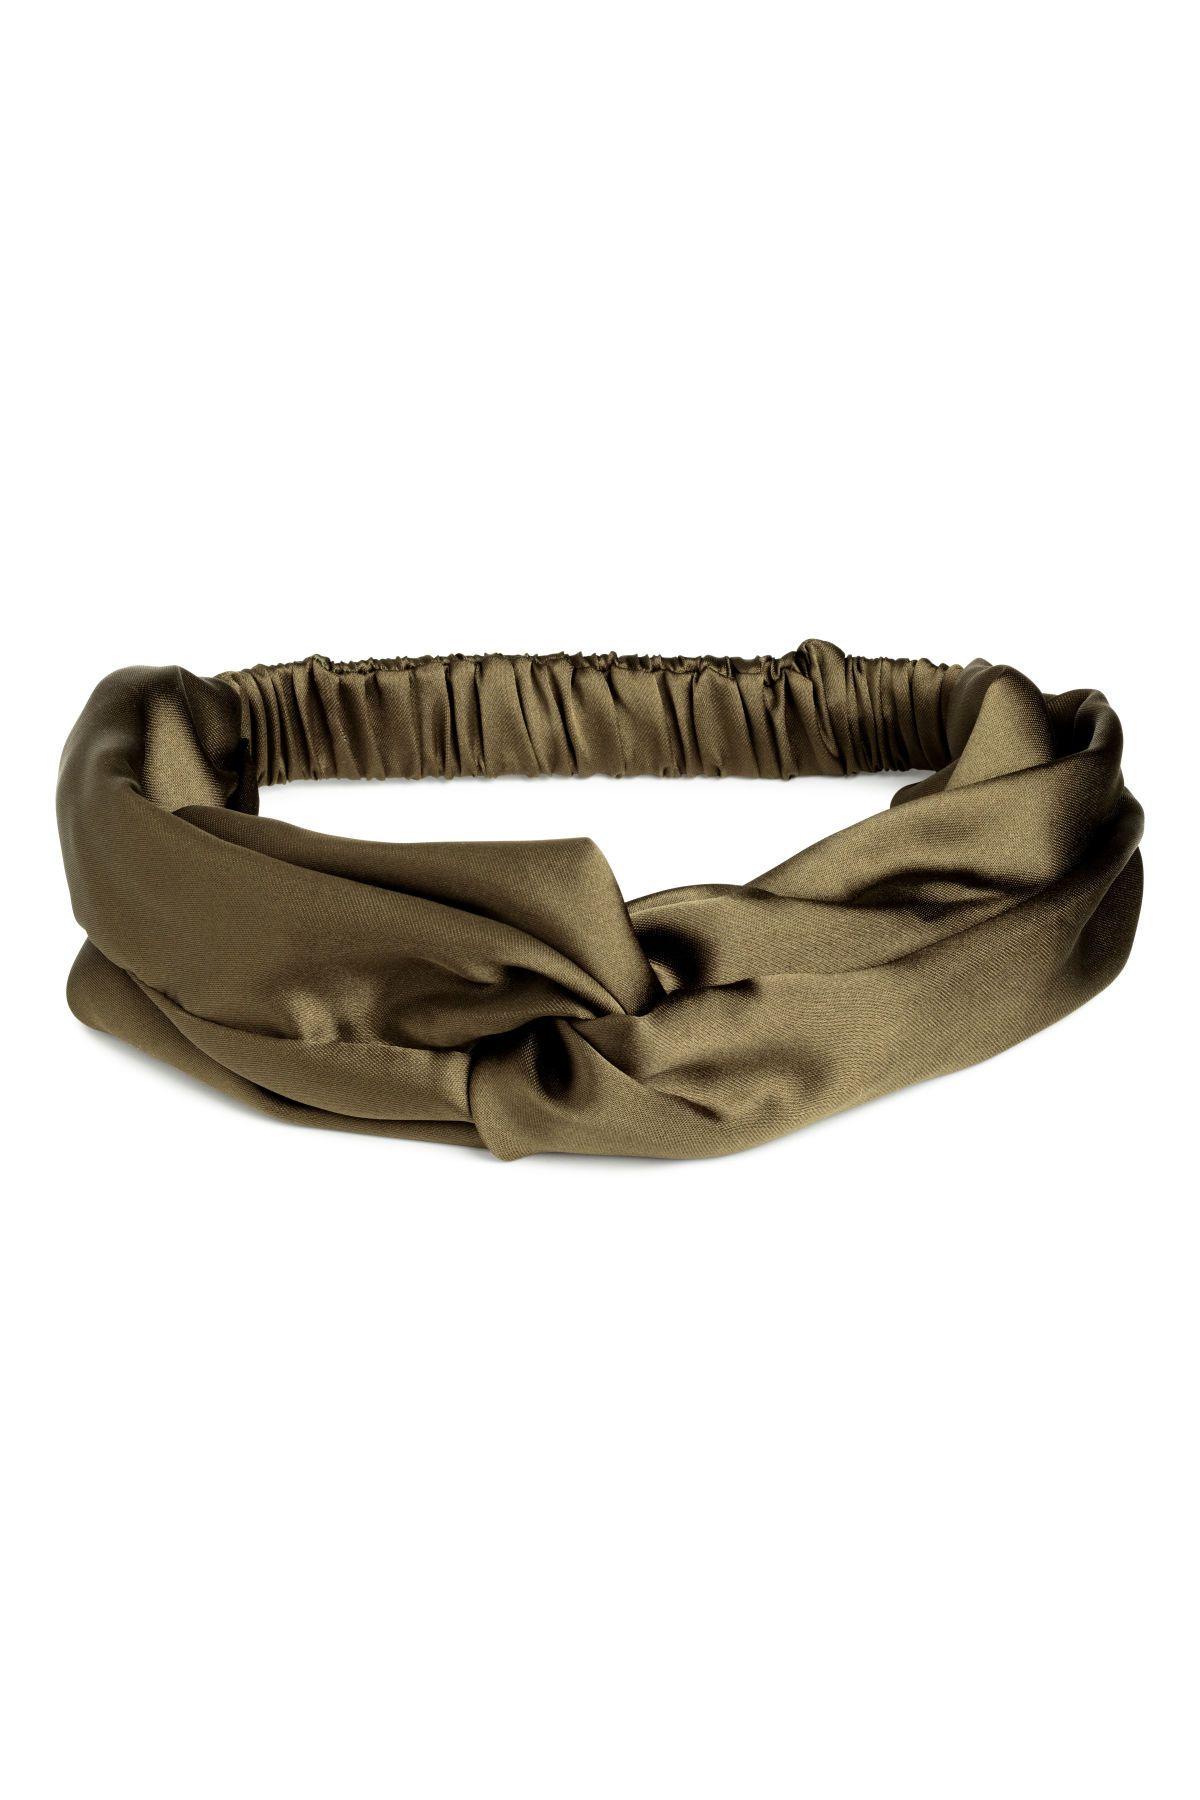 Größe 7 weich und leicht Neuankömmling Haarband mit Knotendetail   GREEN PLUS SIZE   Haar band ...